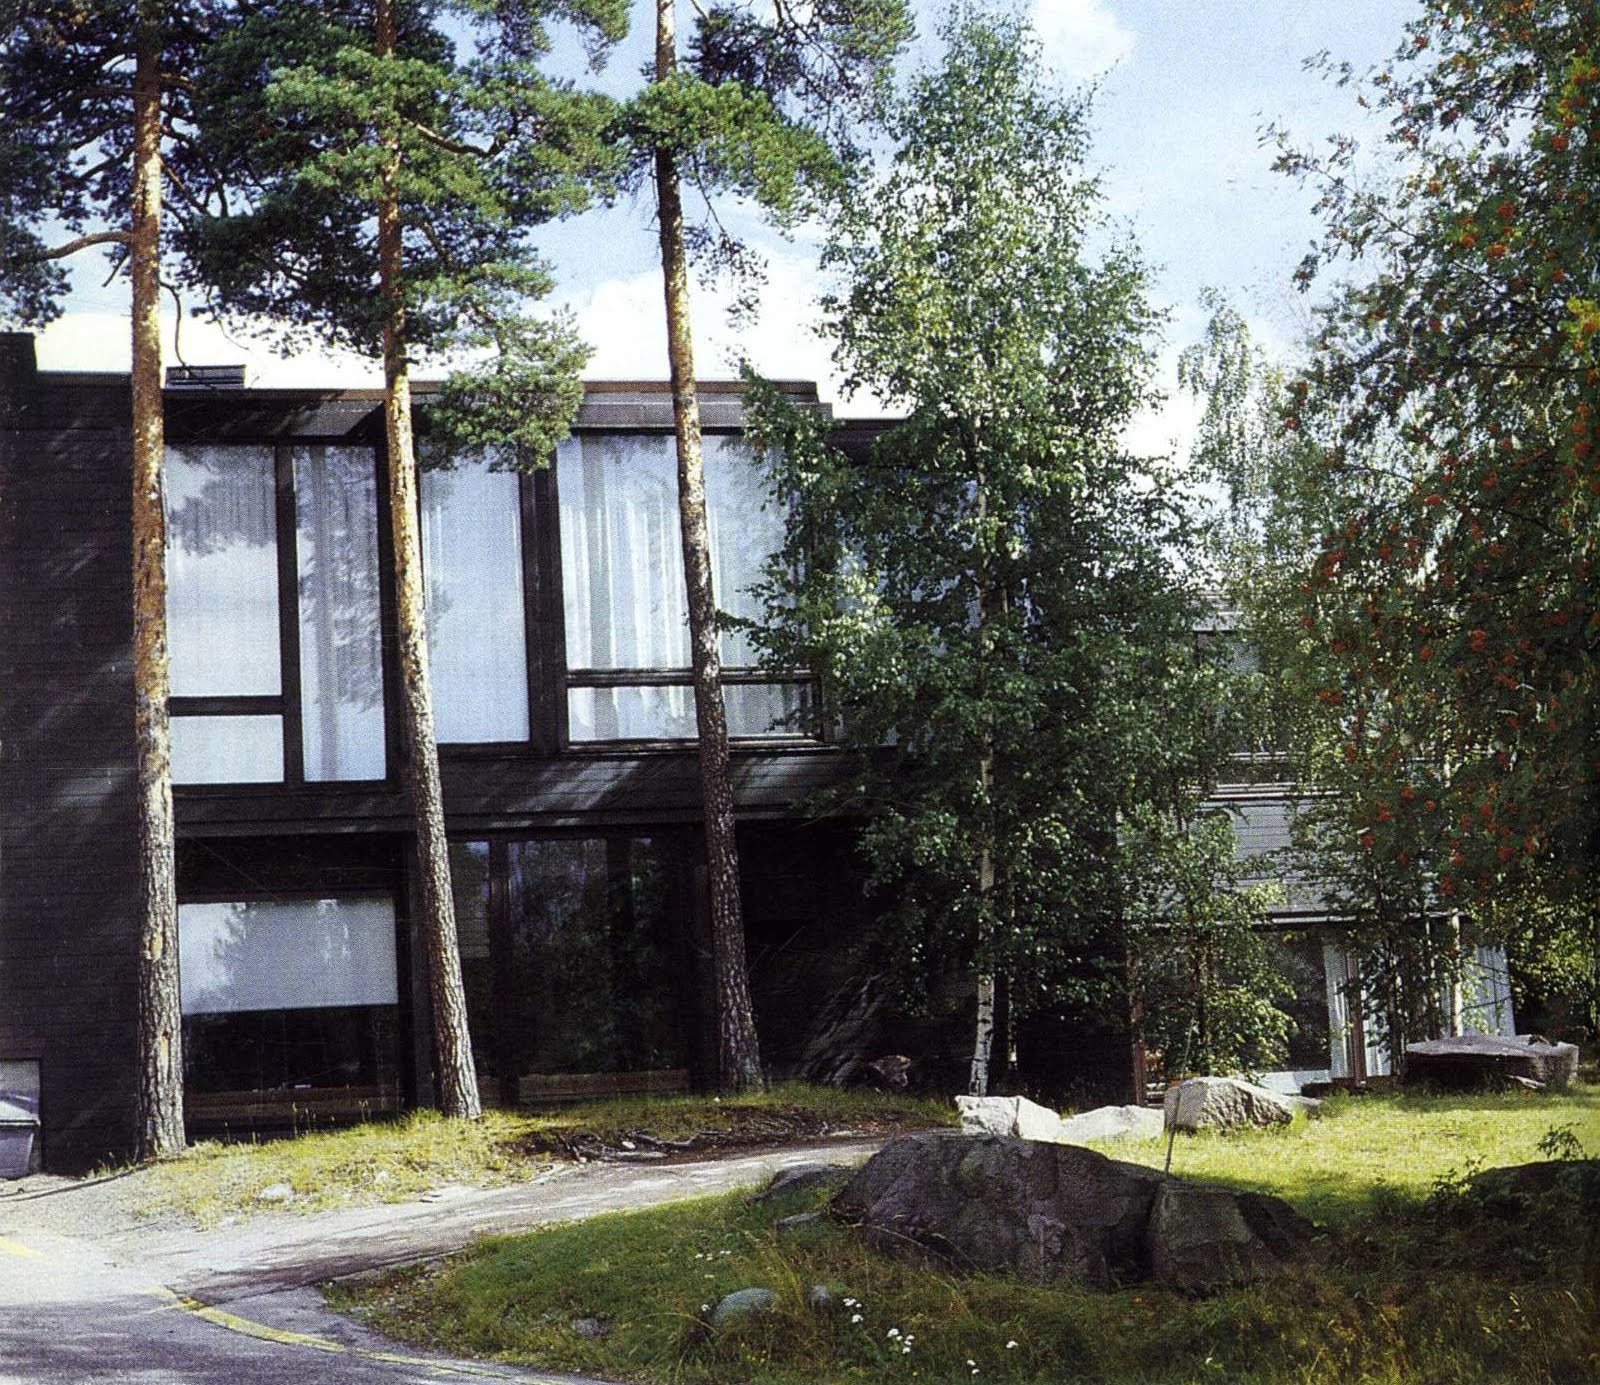 Hacedor de Trampas: Centro Dipoli de Reima y Raili Pietilä